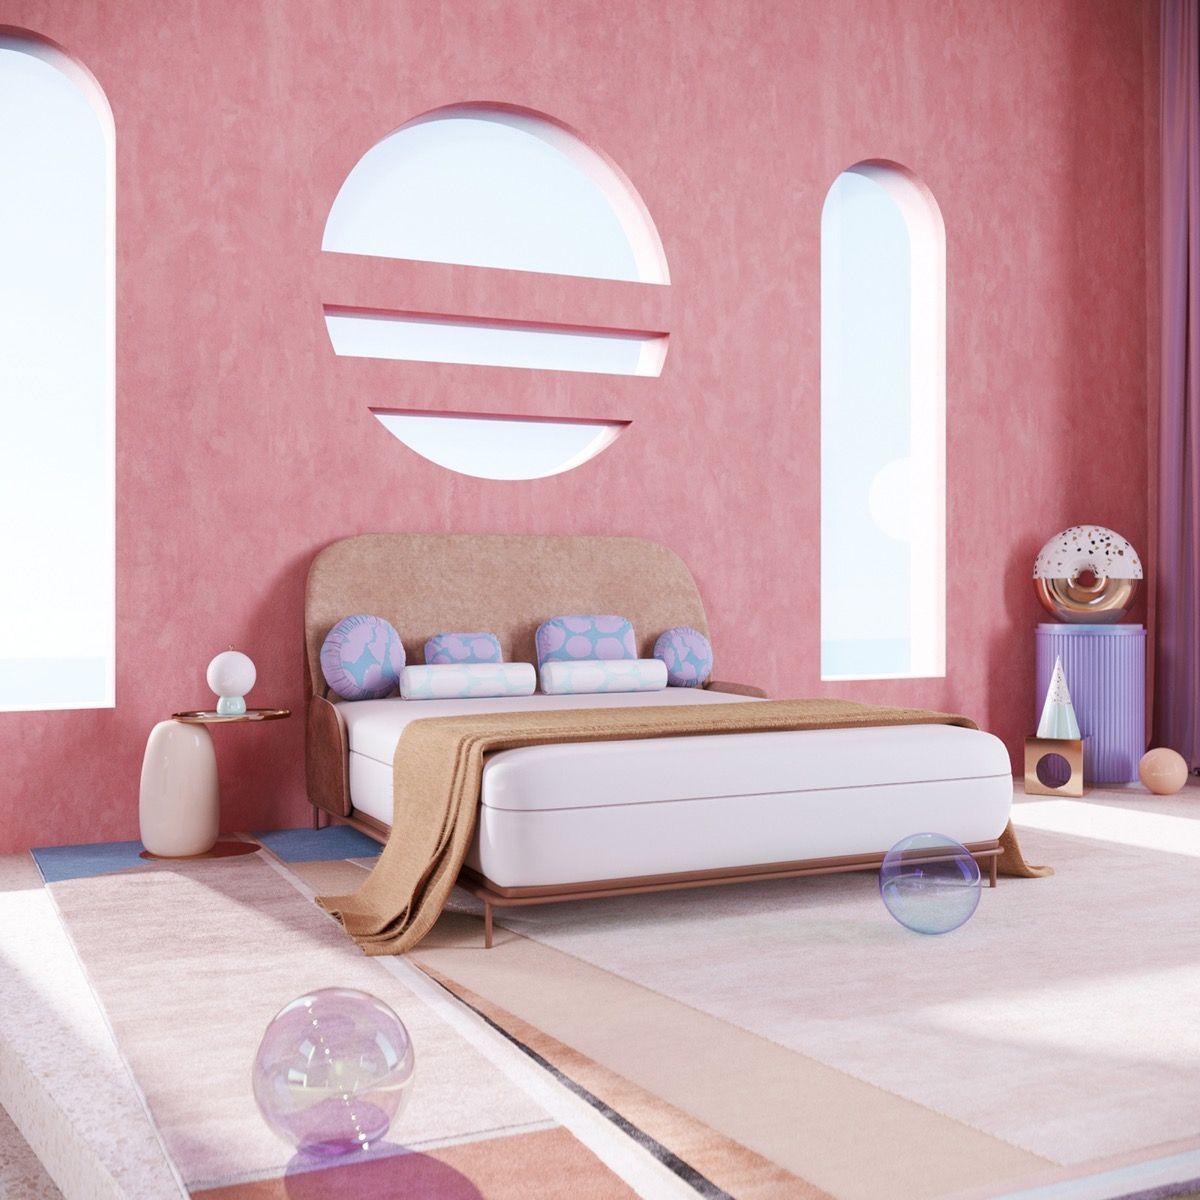 17 Ide Dekorasi Kamar Warna Pink Yang Modern Dan Anti Norak